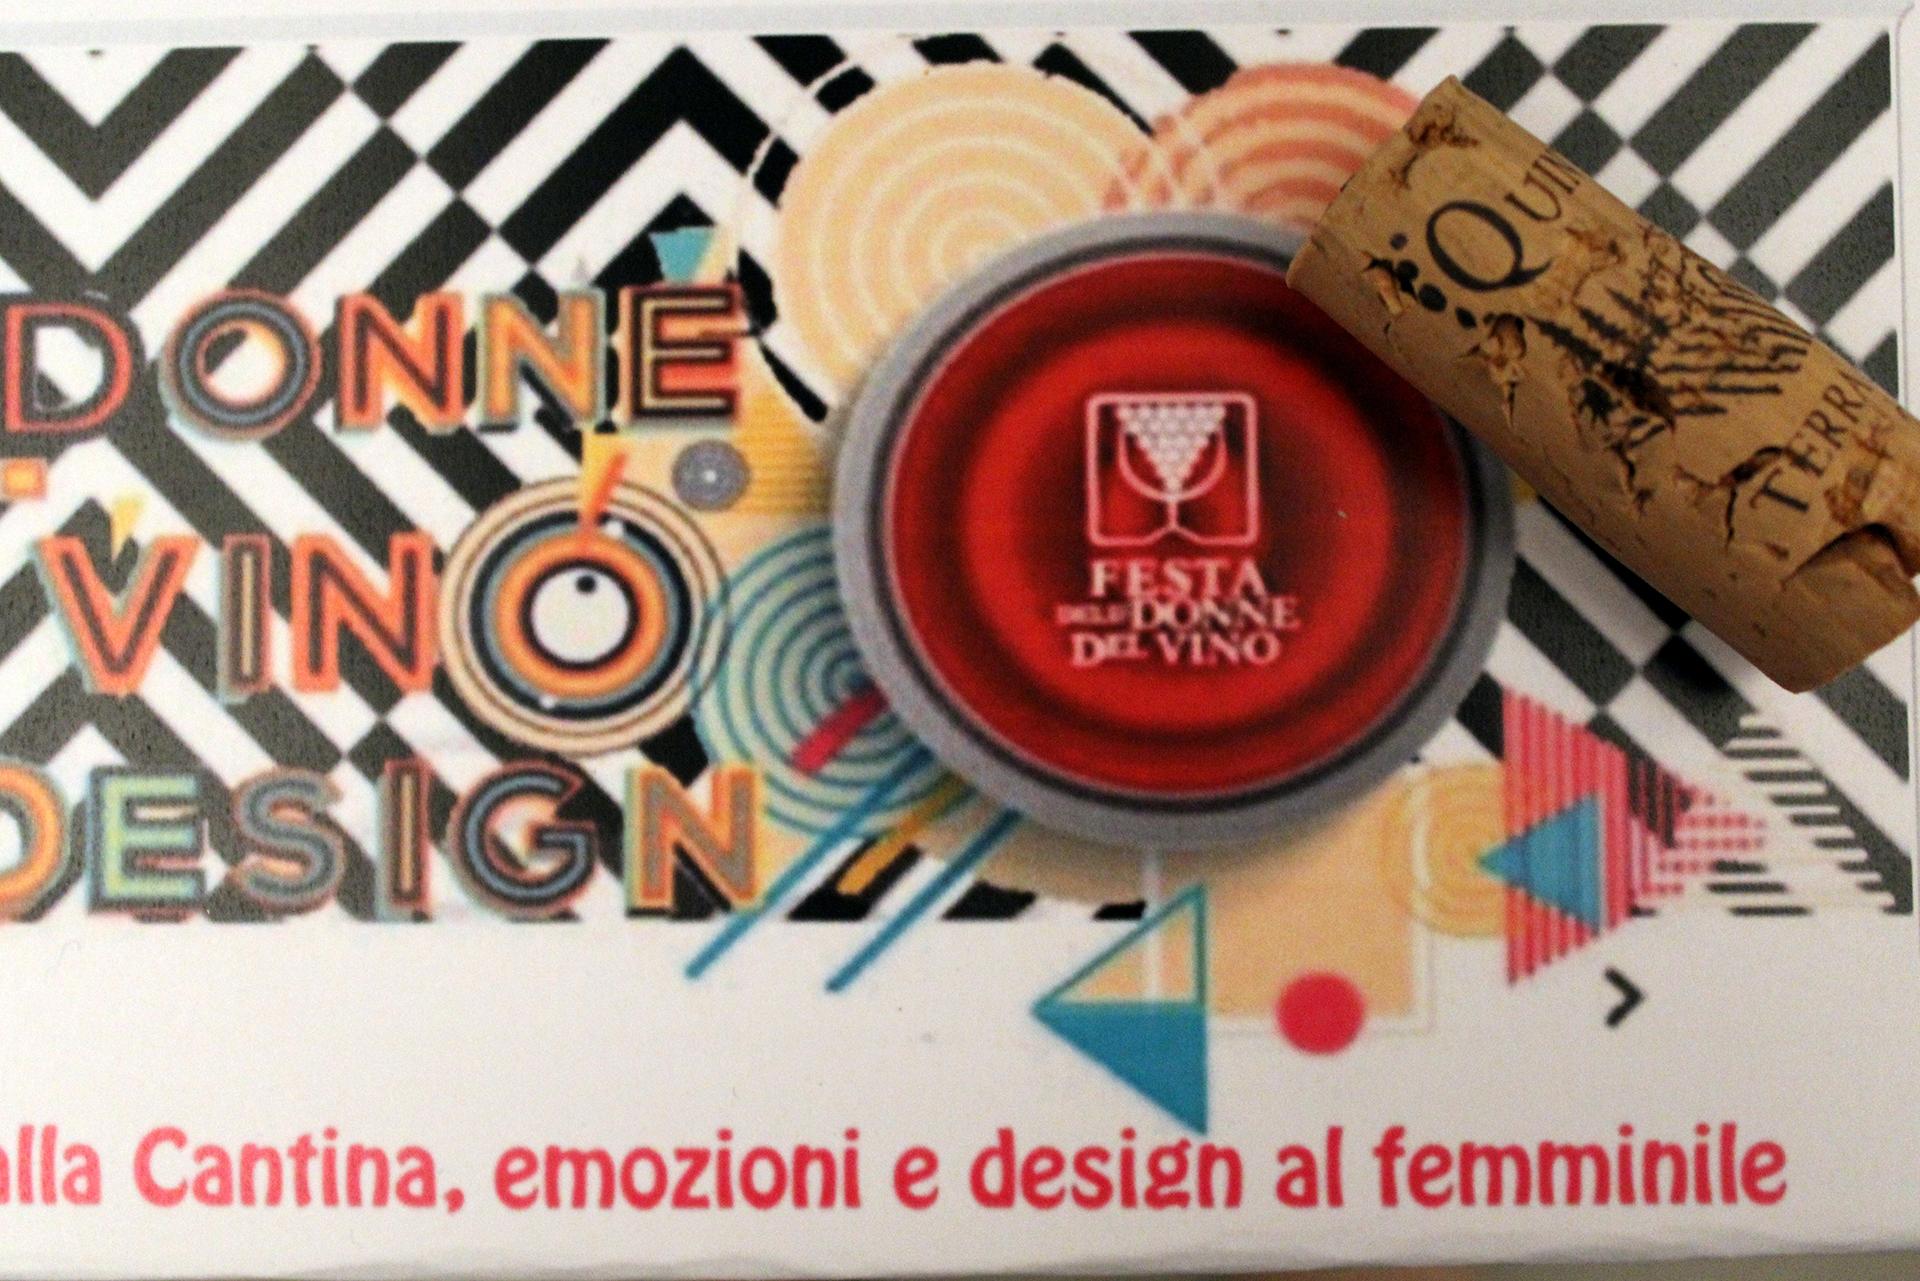 vino donne e design